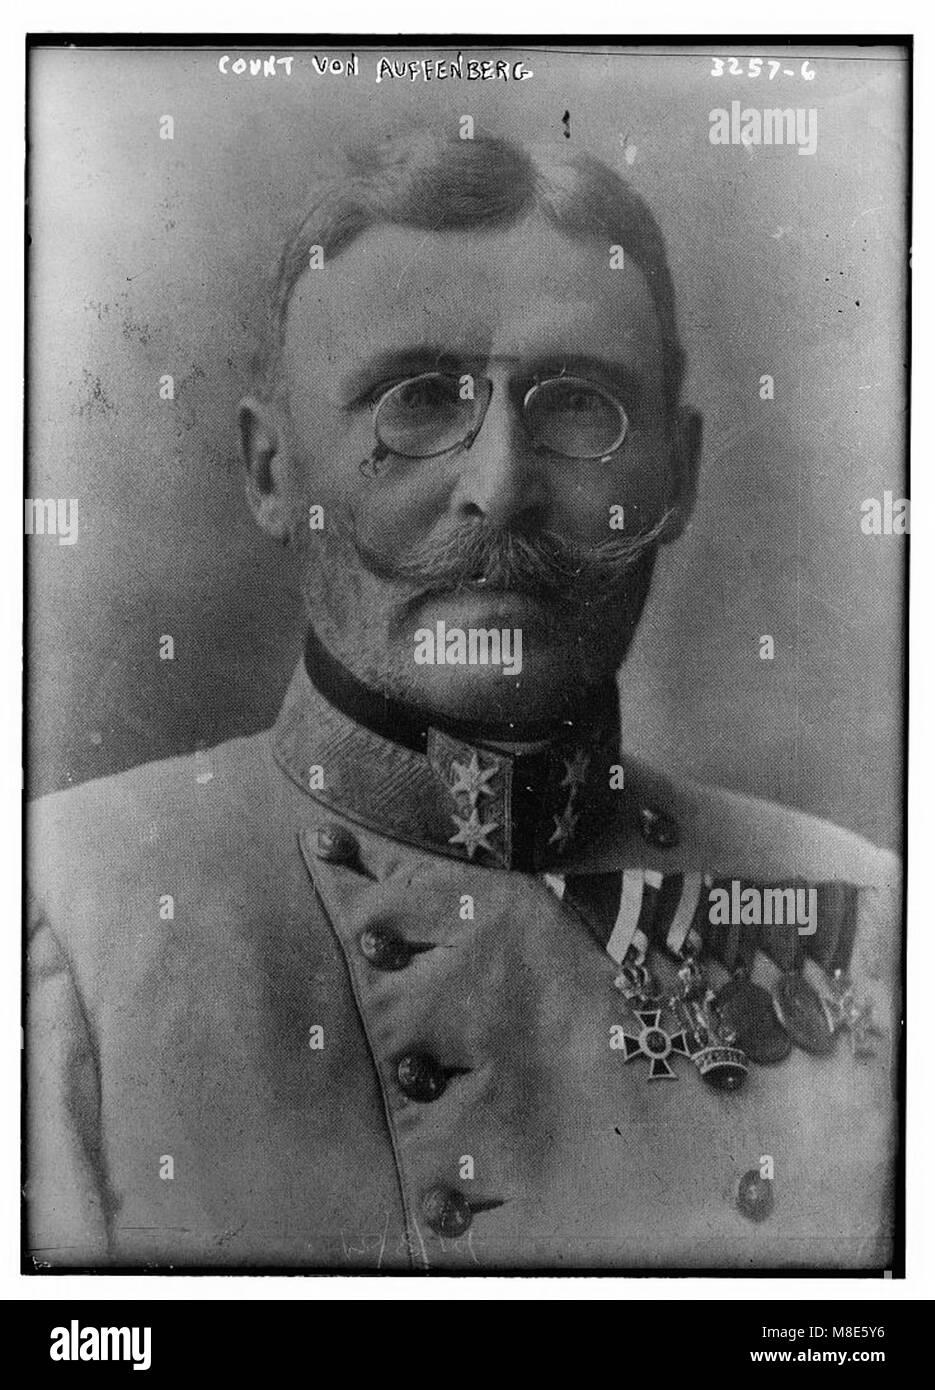 Count Von Auffenberg LCCN2014697745 - Stock Image